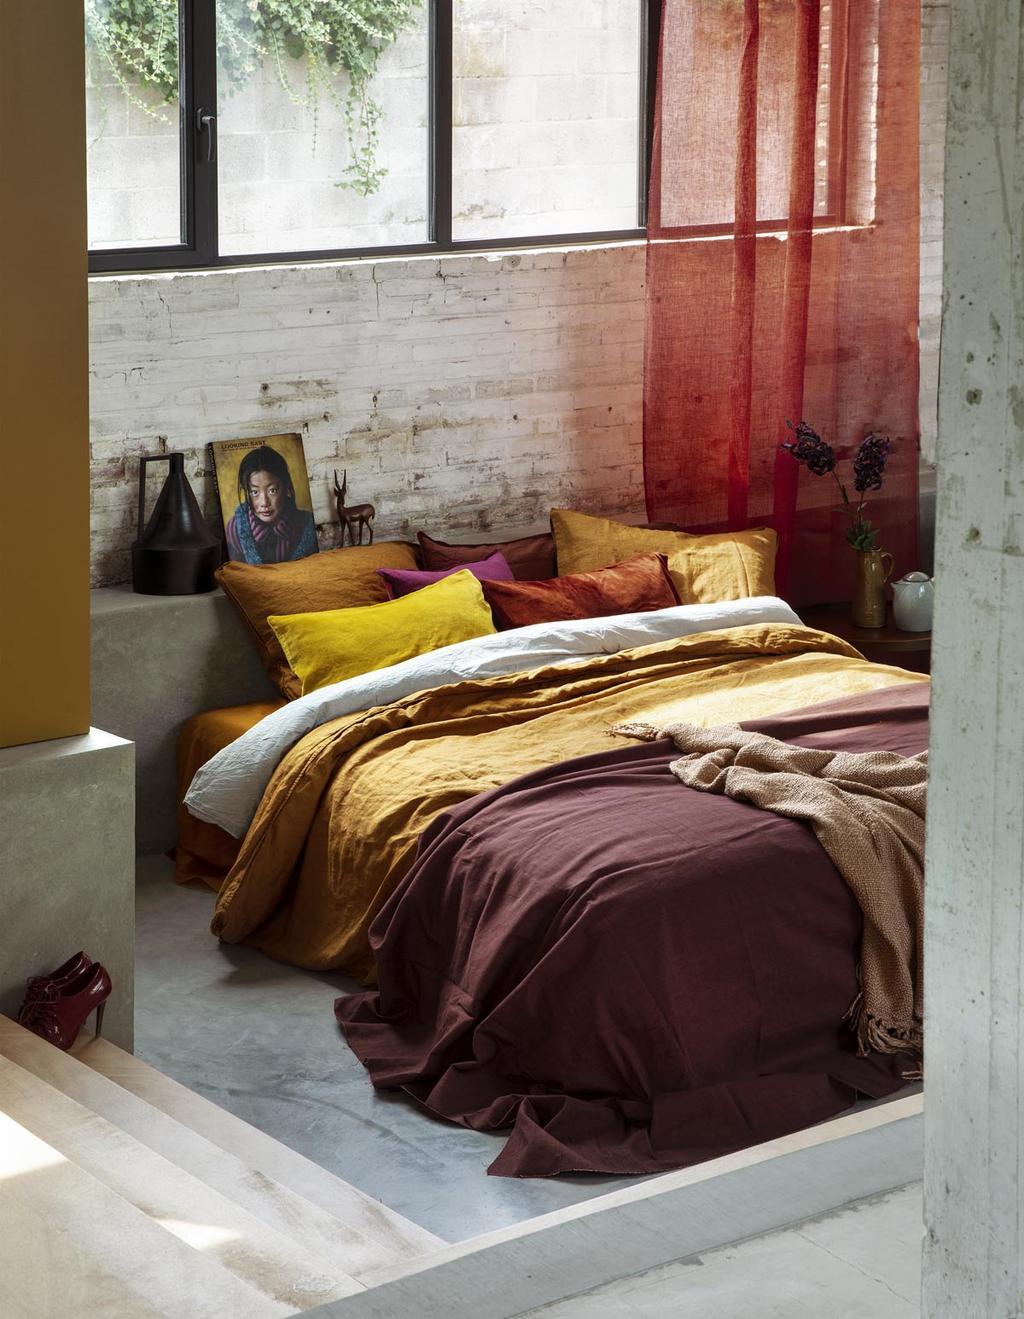 Slaapkamer met herfst kleuren, zoals okergeel, roestbruin en paars in herfststyling.